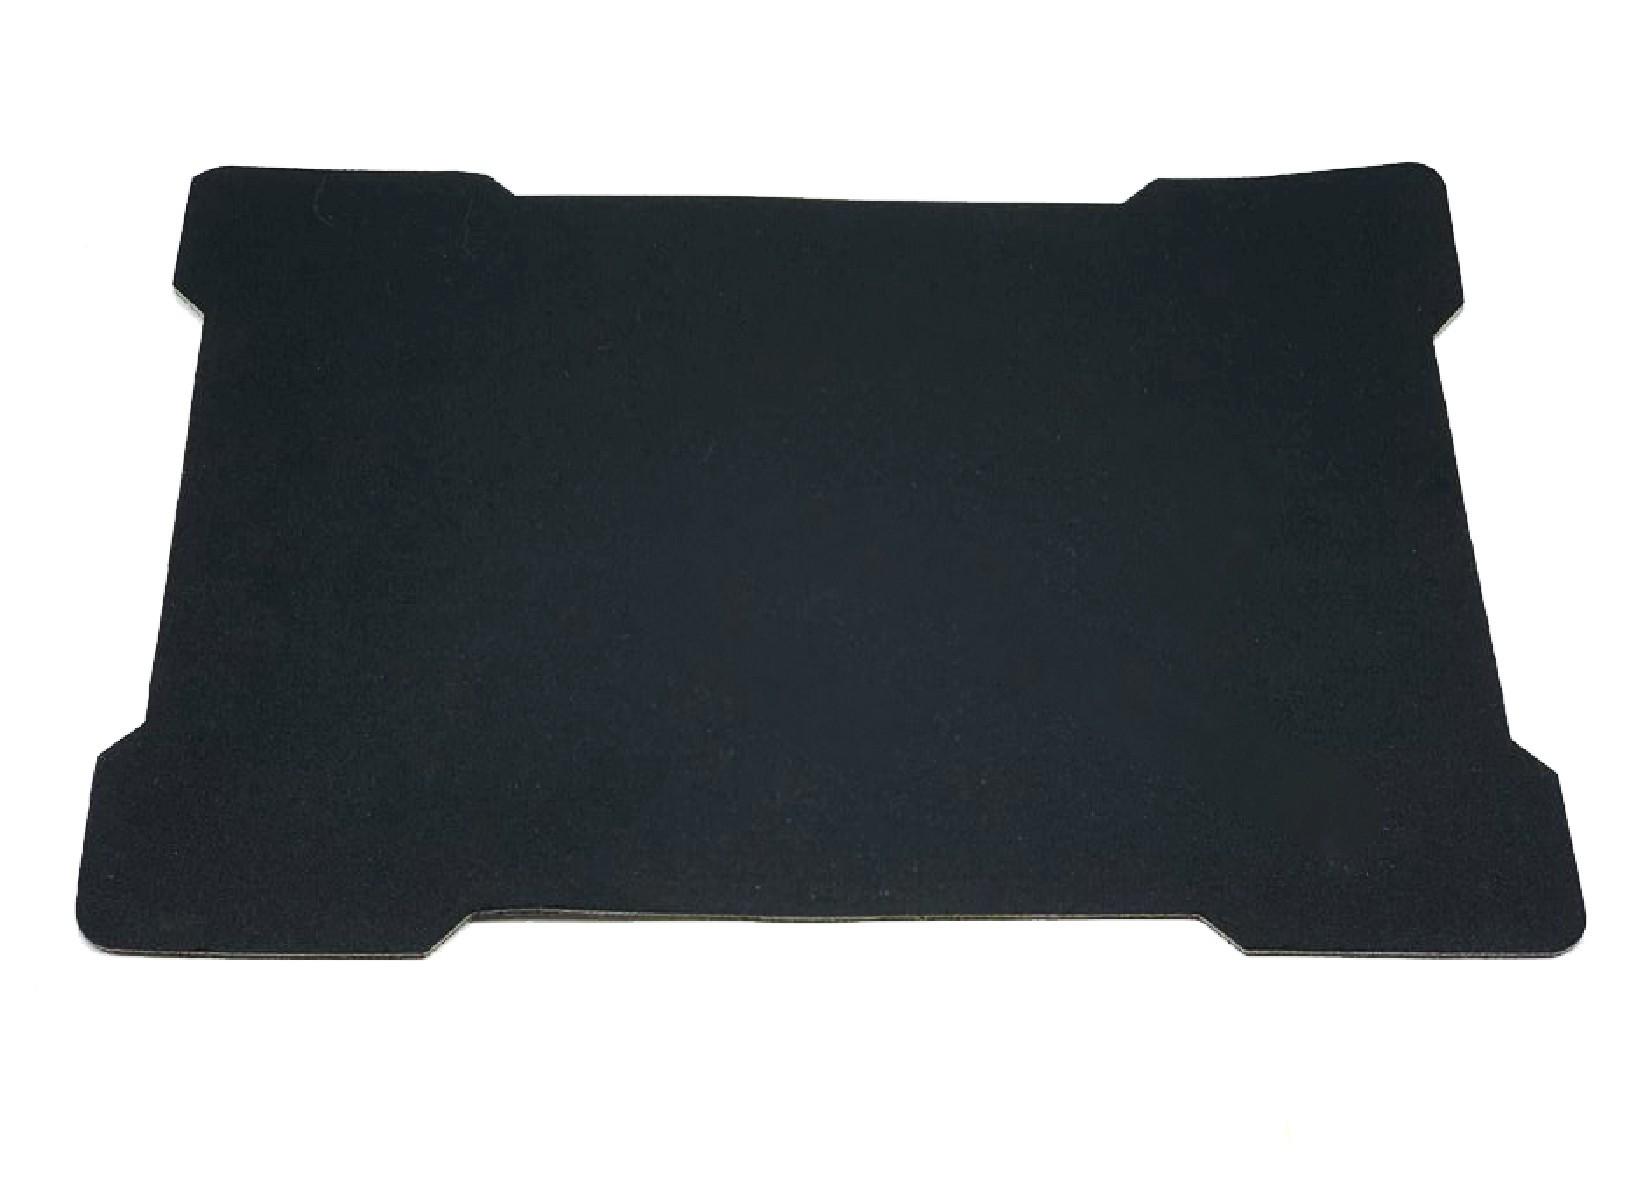 Mouse Pad Gamer Preto 25 x 35 cm